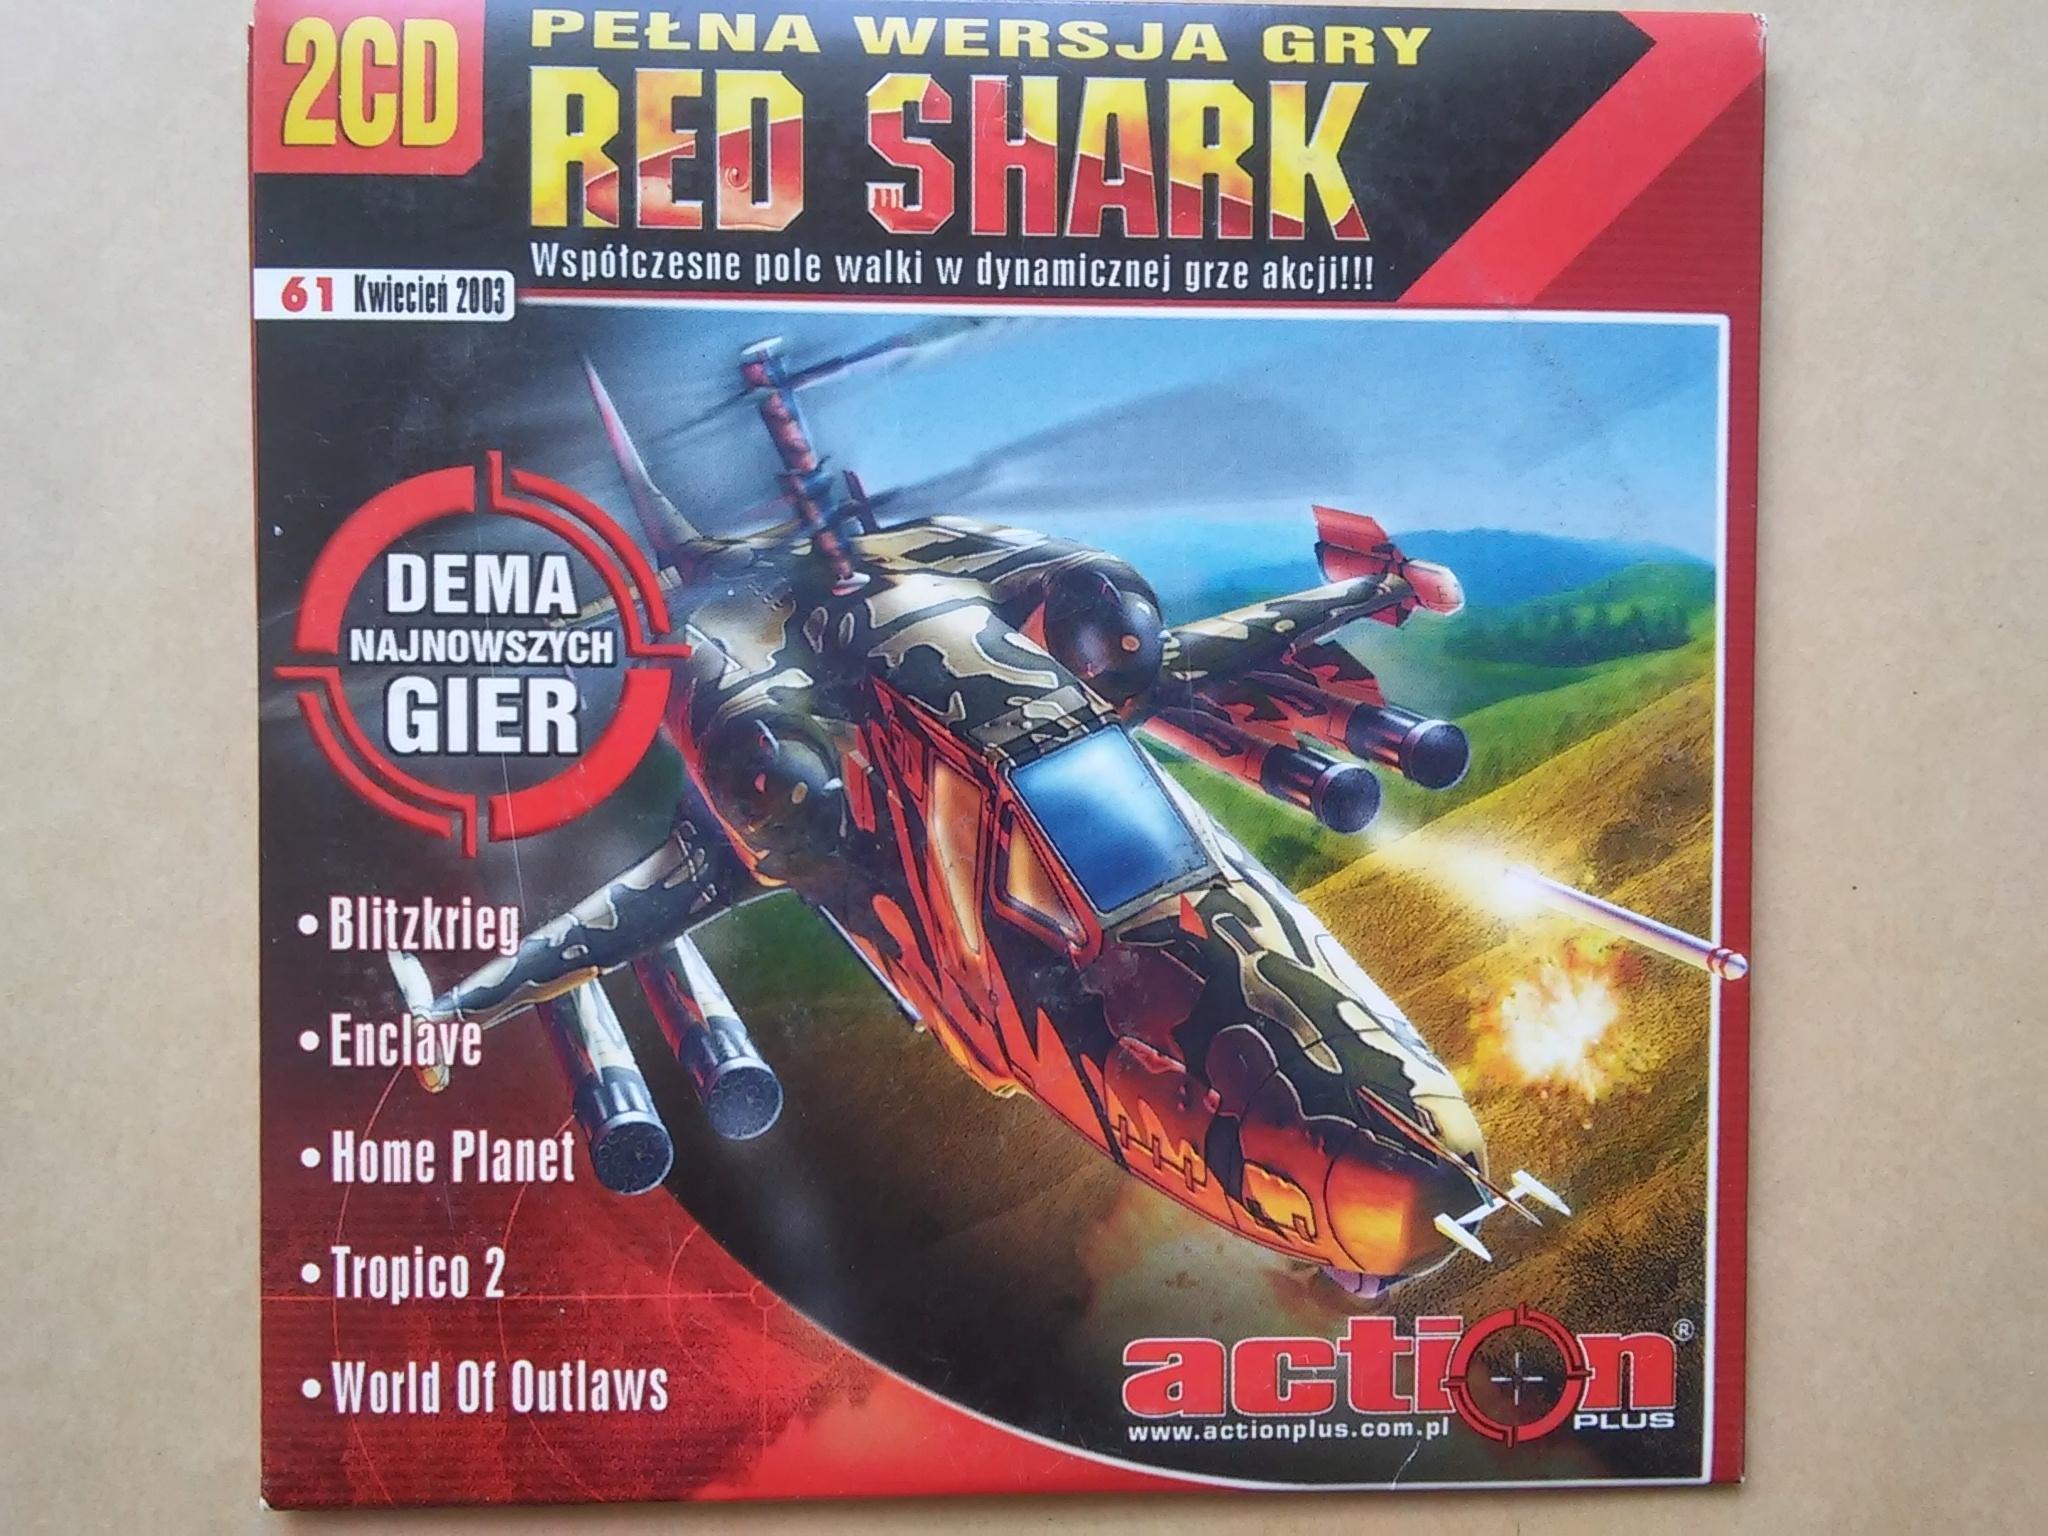 Red Shark Action Plus kwiecień 2003 2 cd